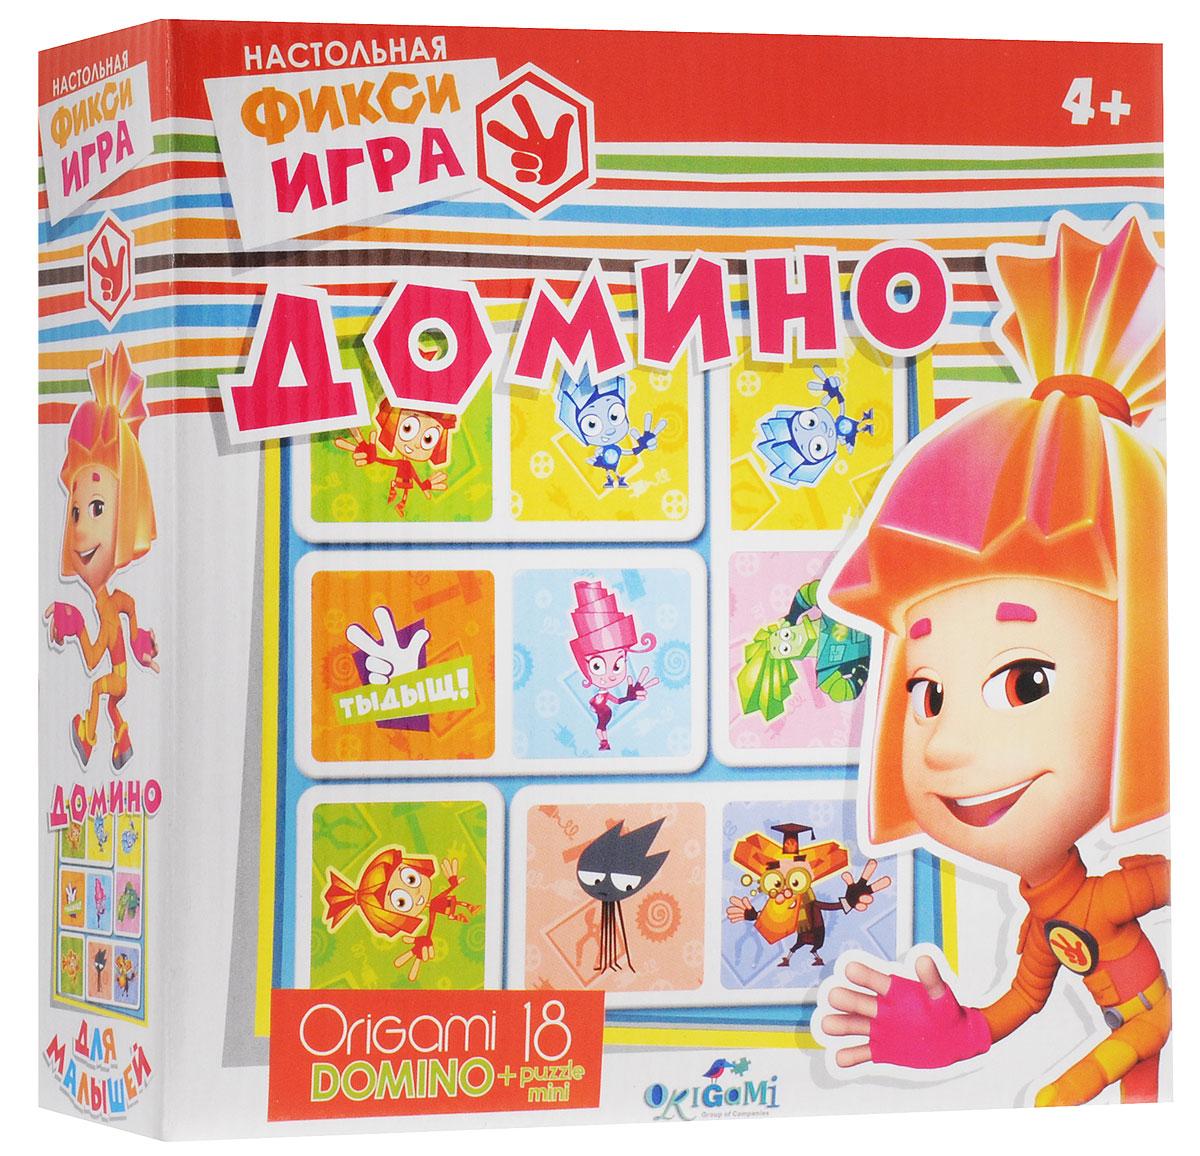 Оригами Домино Фиксики + пазл11661Увлекательная игра домино Оригами Фиксики понравится всем поклонникам одноименного мультфильма. В наборе ребенок найдет пазл, собрав который она получит картинку с изображением Маси и Симки. Собирание пазла развивает у ребенка мелкую моторику рук, тренирует наблюдательность, логическое мышление, знакомит с окружающим миром, с цветом и разнообразными формами, учит усидчивости и терпению, аккуратности и вниманию. Цель игры домино: построить цепочку из фишек, соединяя одинаковые картинки. Игра развивает внимание, зрительное восприятие, комбинаторные и логические способности, учит находить одинаковые картинки и соединять их в цепочки.